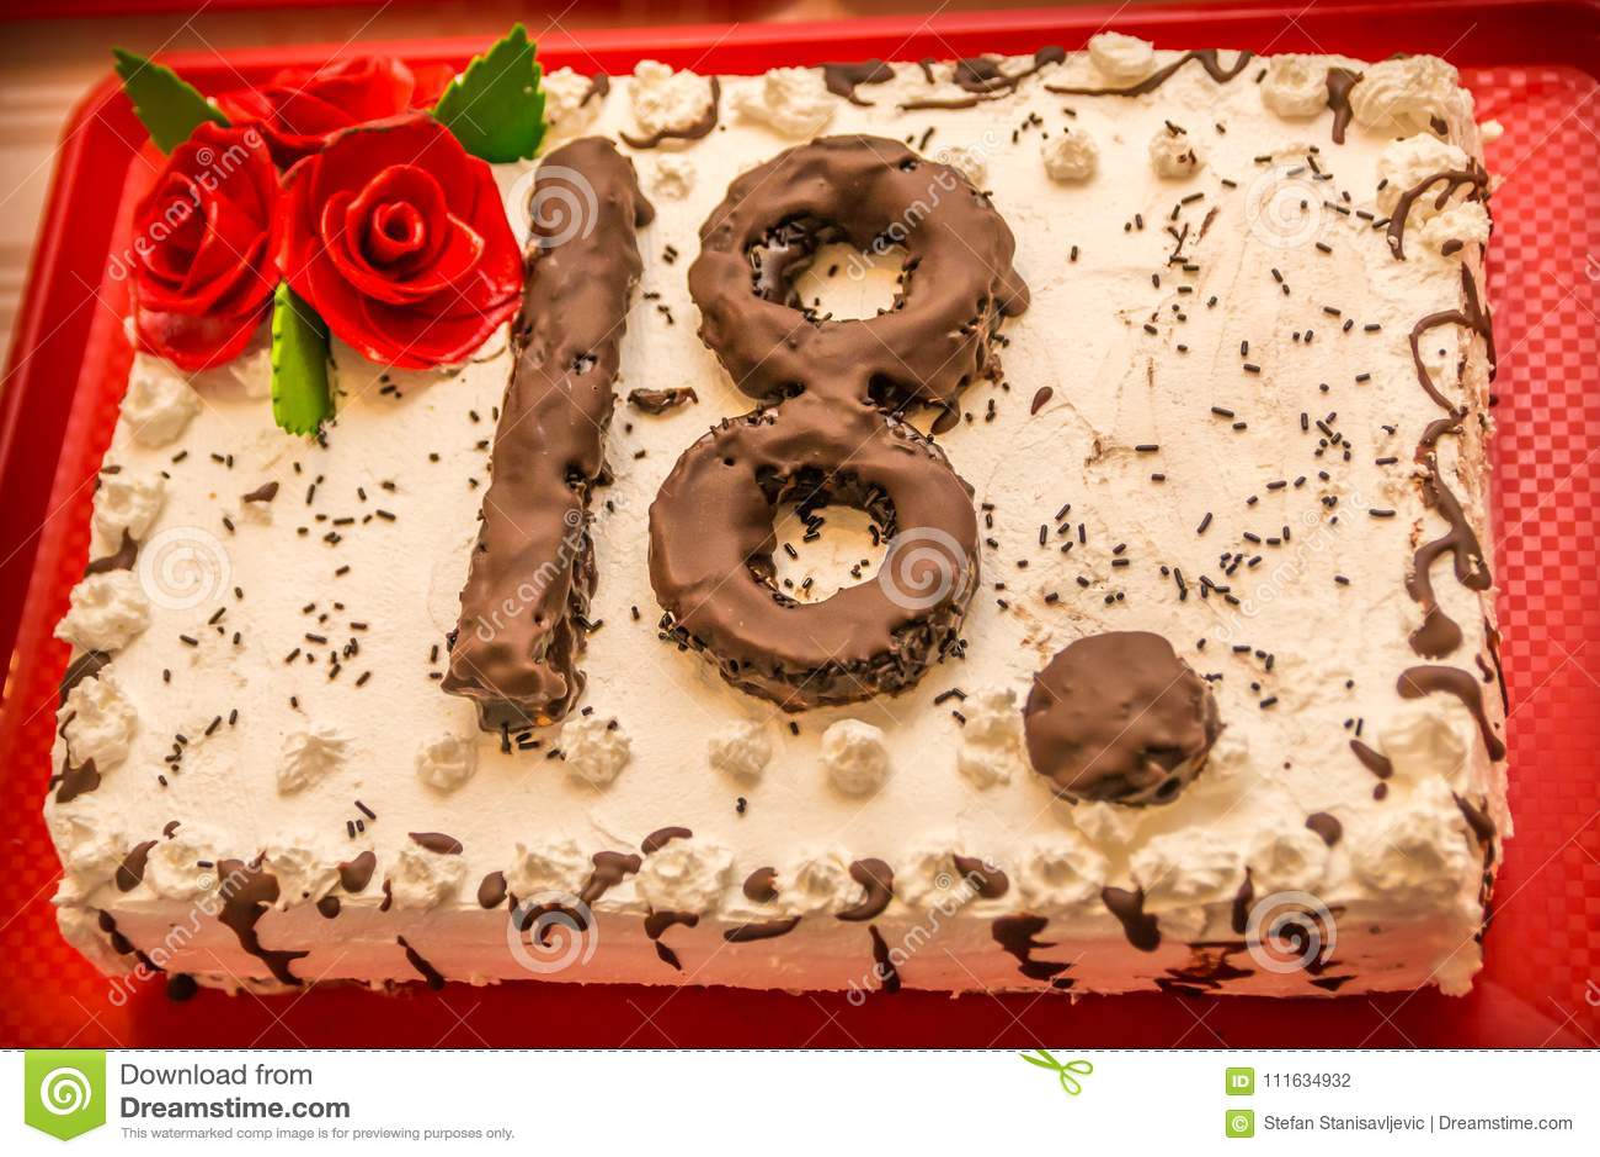 Geburtstagskuchen 18 Stockfoto Bild Von Grun Verziert 111634932